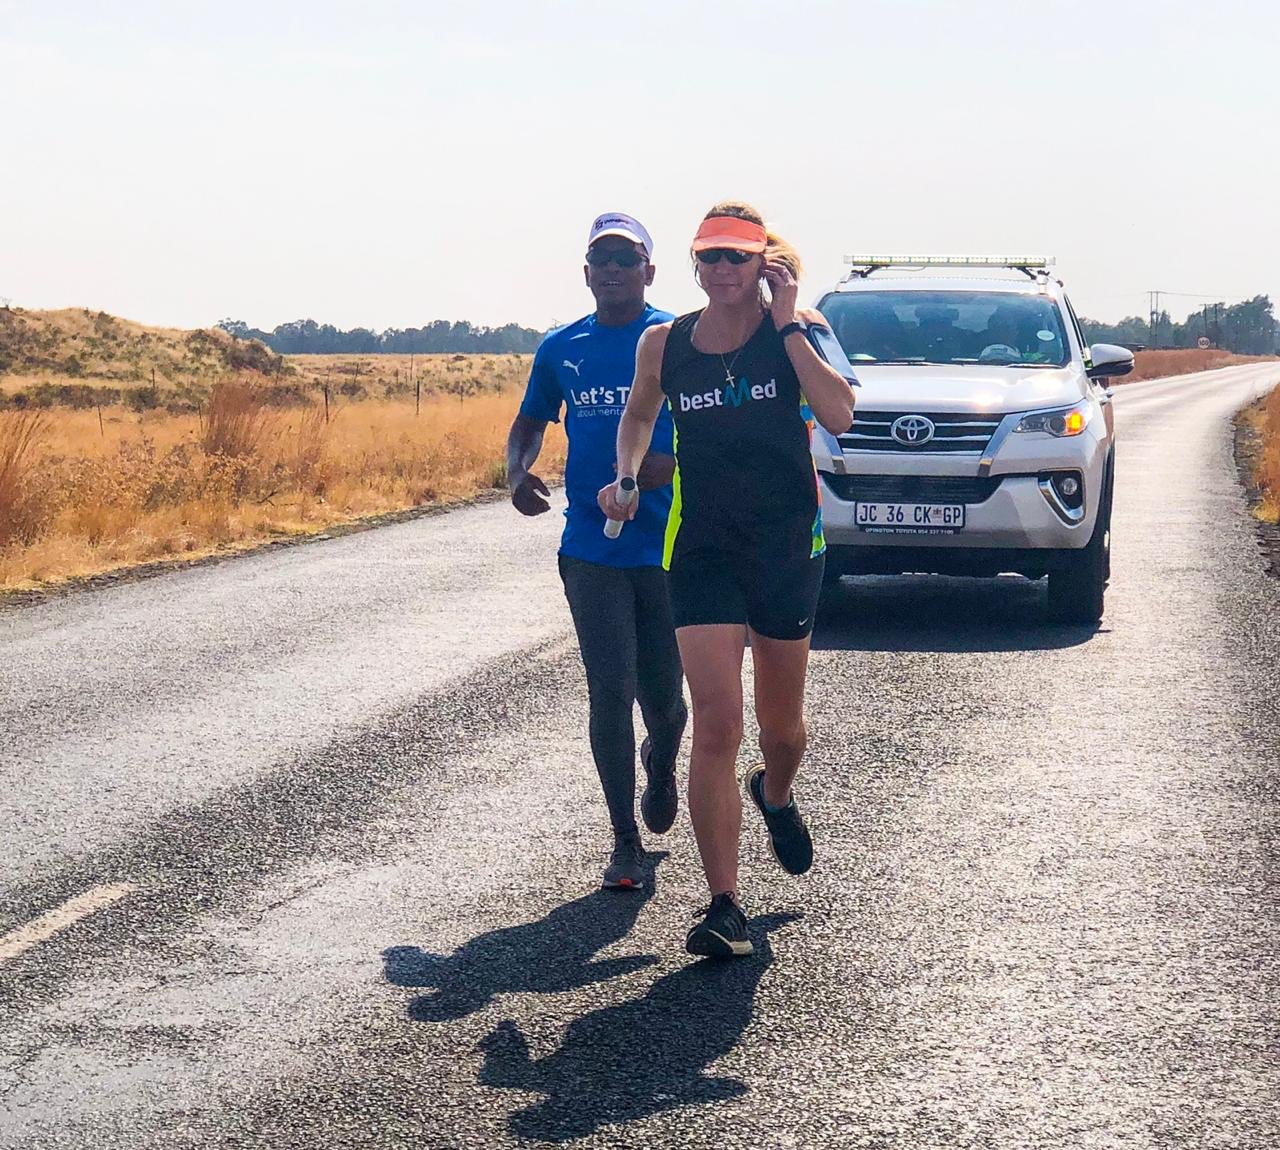 #UFSRun4MentalHealth runners